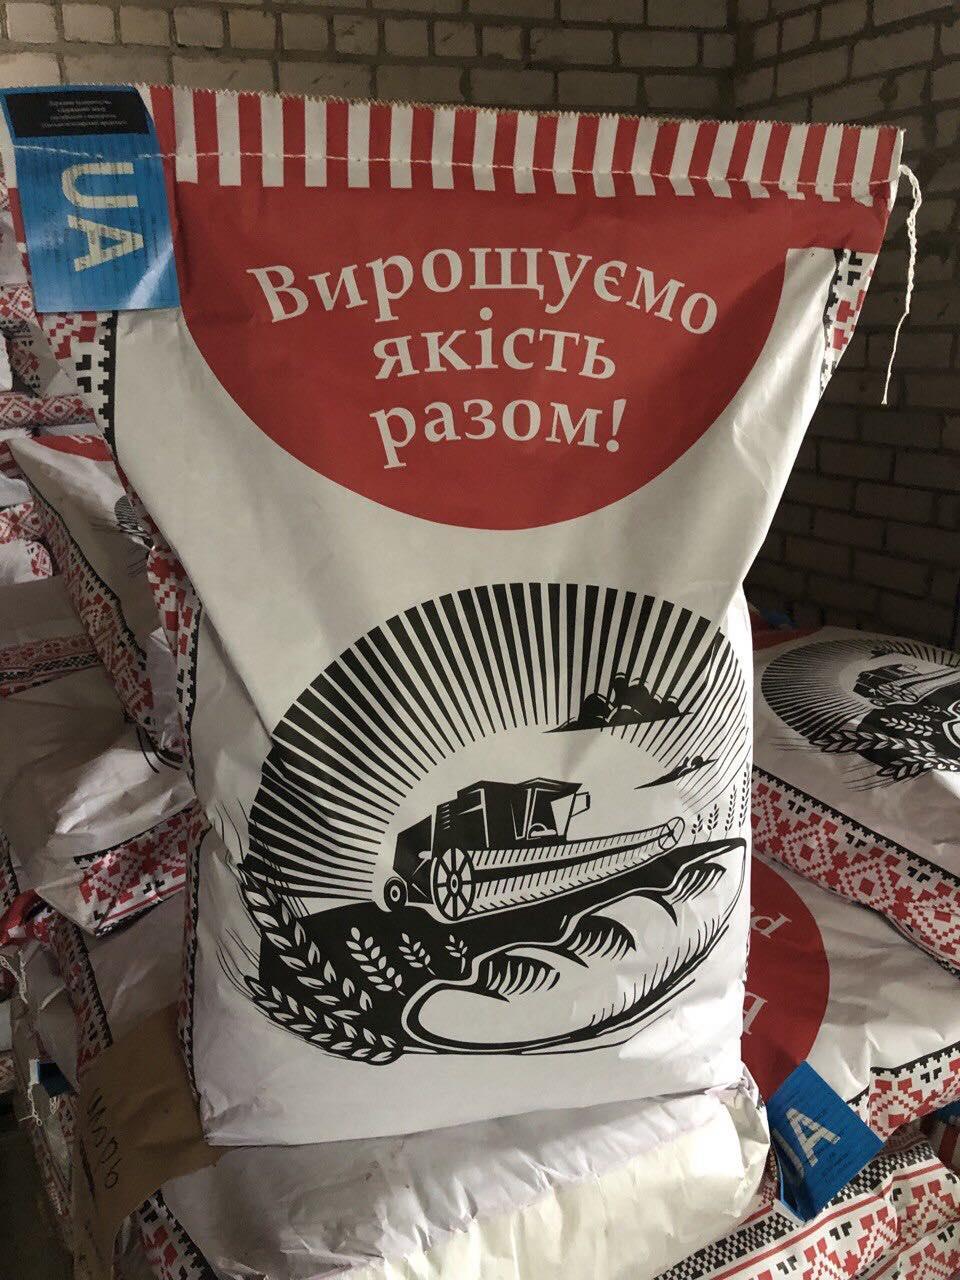 Семена гибрида  подсолнечника Обрион стандарт 5мм,среднеранний, ЧП Семеноводческое